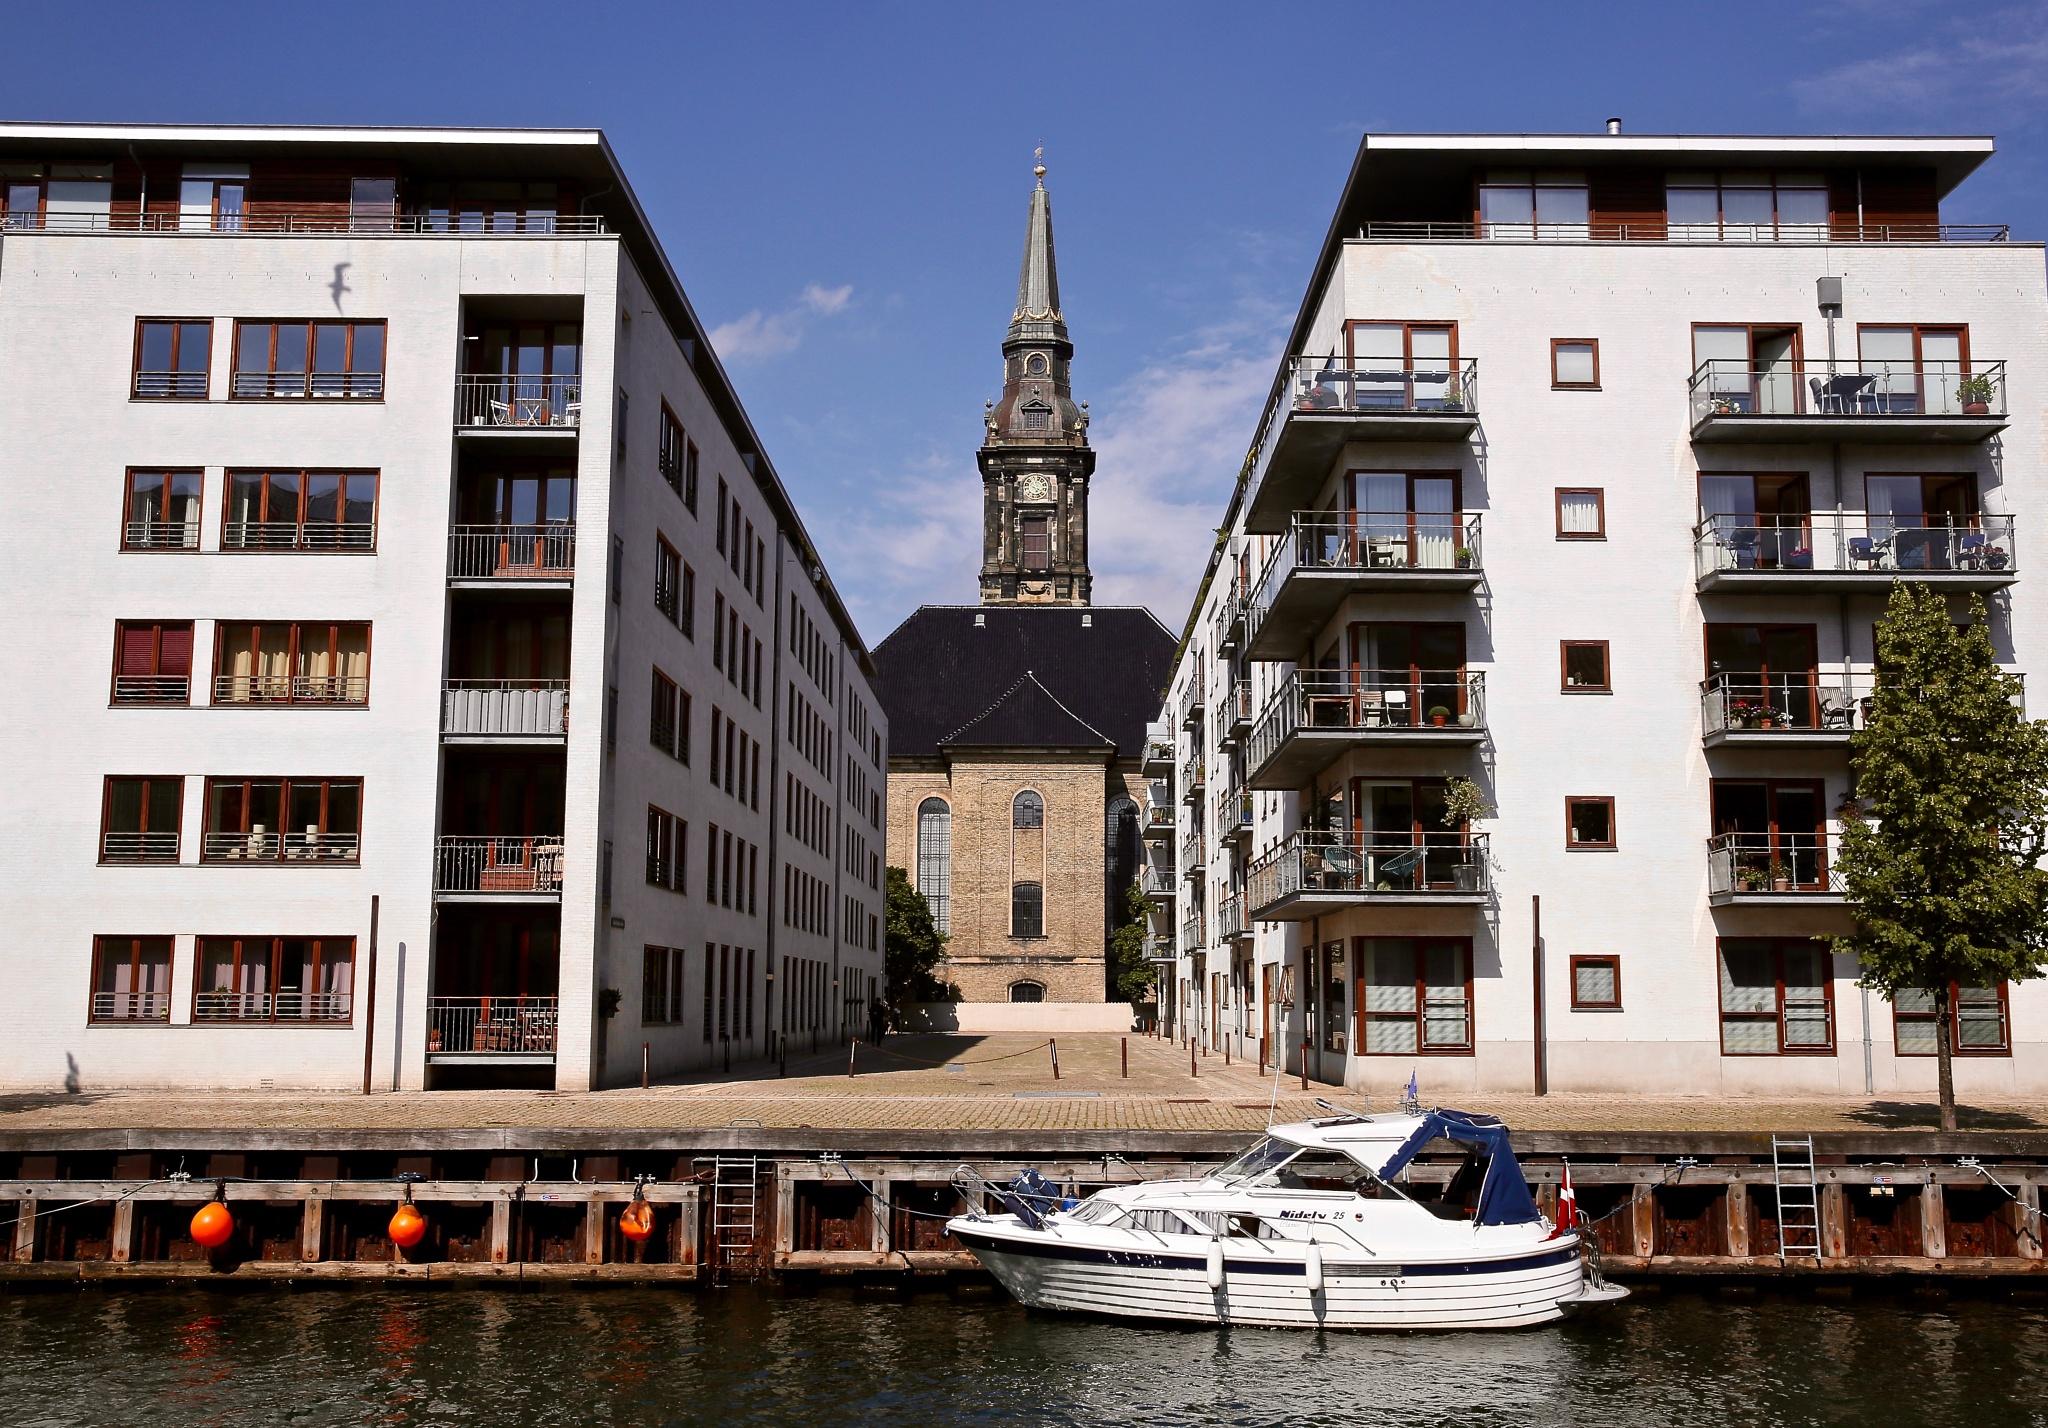 Architecture by Steen Jensen / www.sjfoto.dk